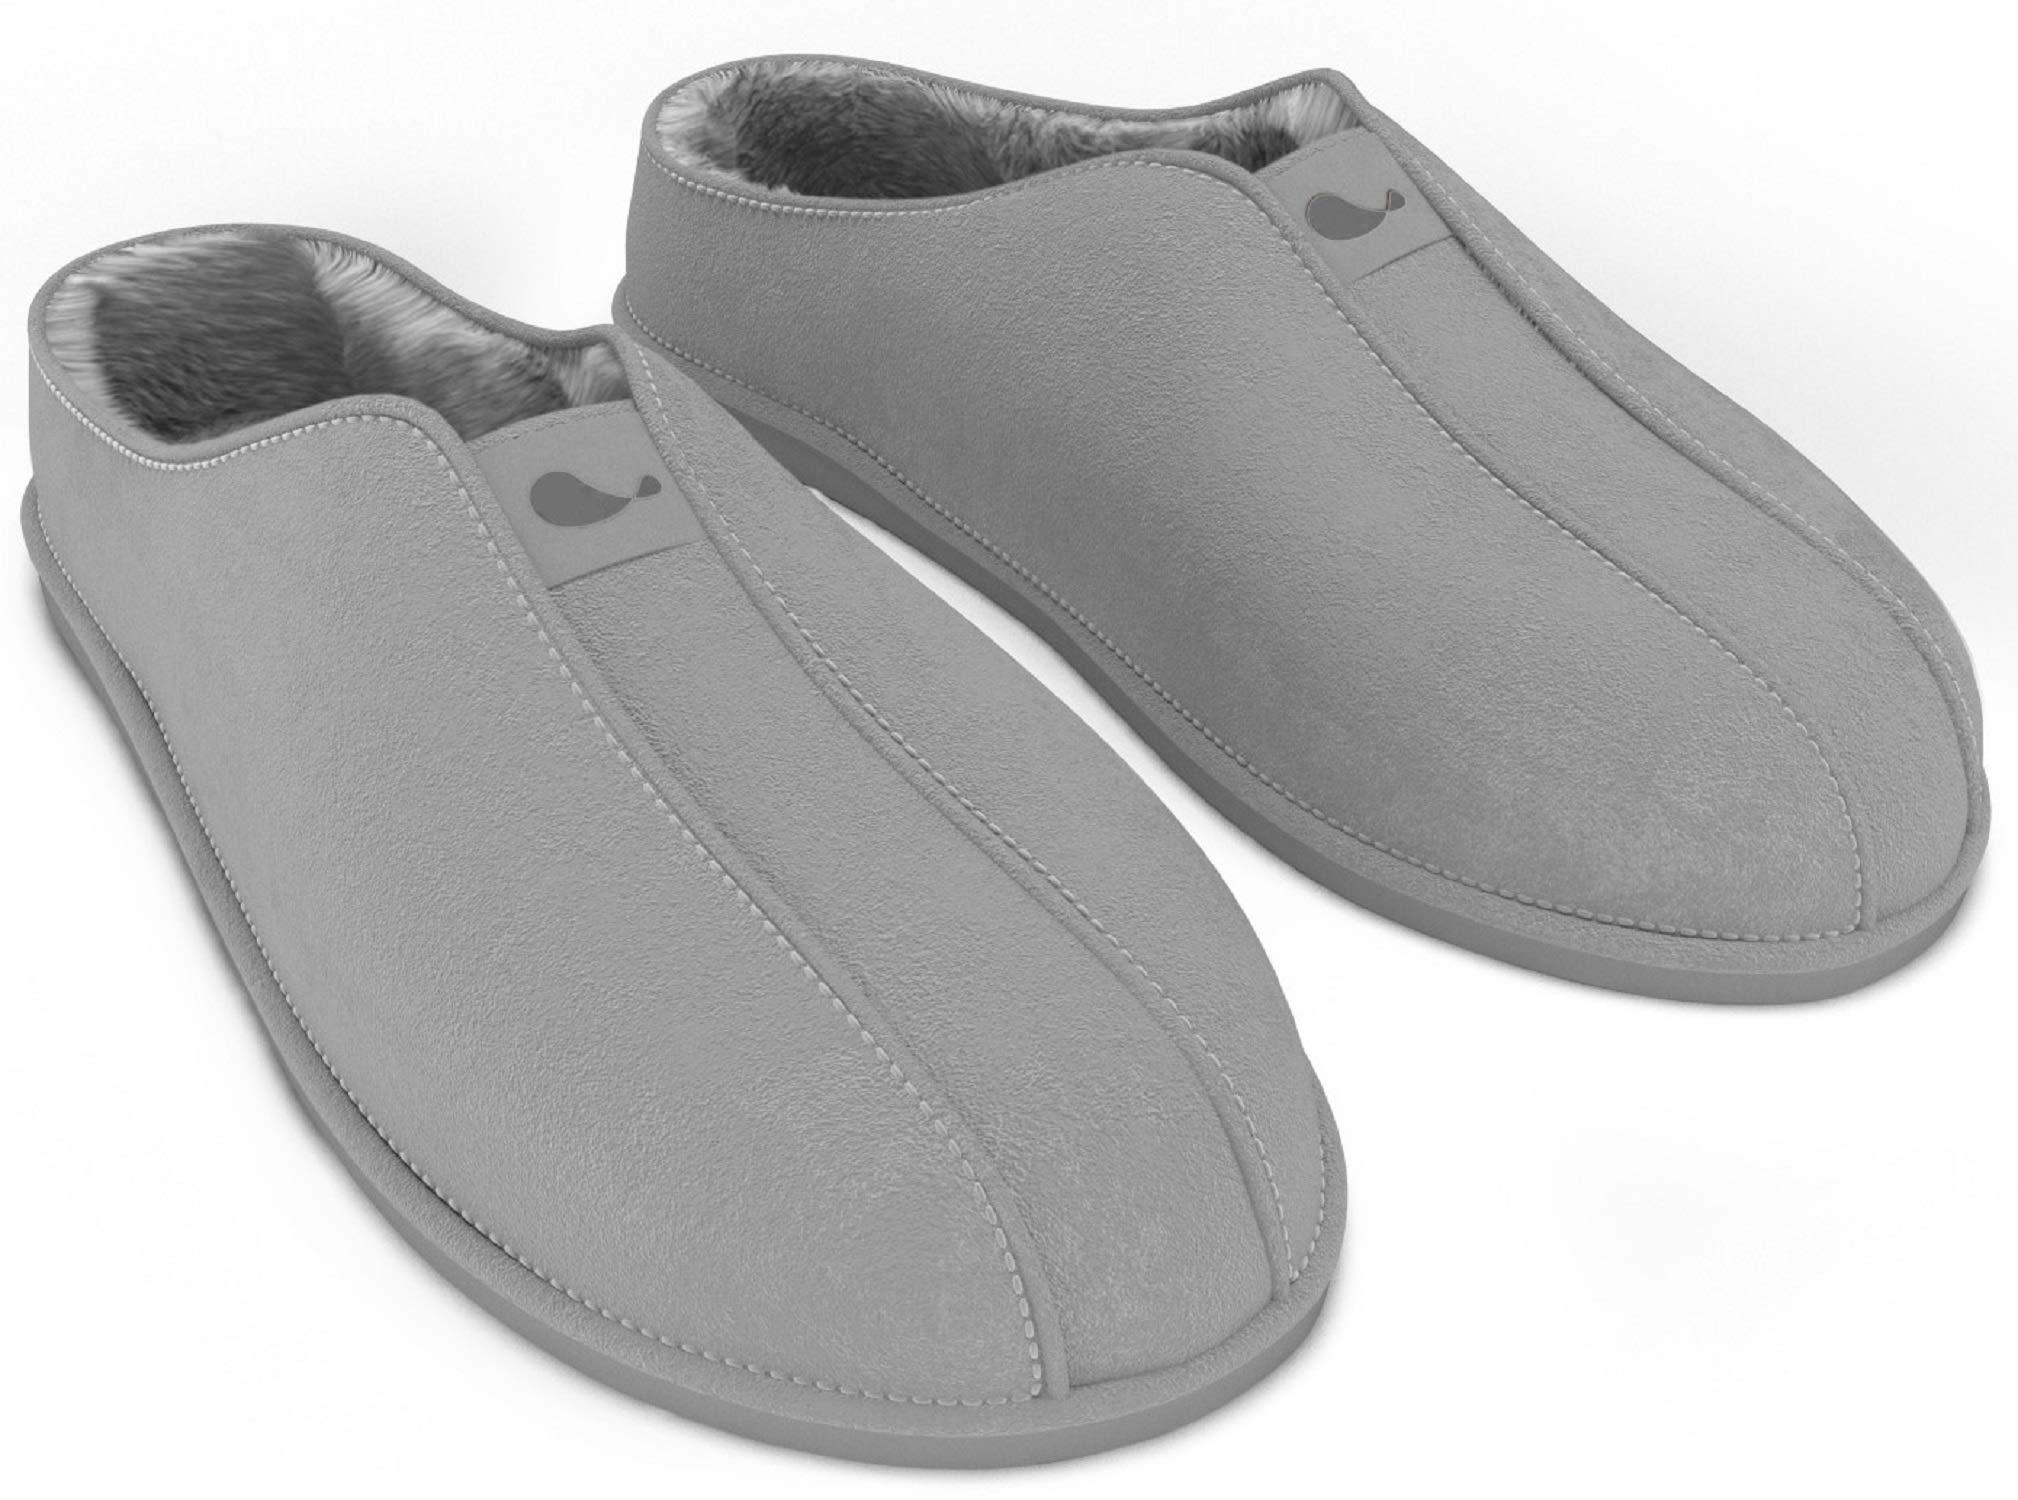 Heel That Pain Heel Seats Slippers for Plantar Fasciitis, Heel Pain and Heel Spurs, Unisex (Men's 12, Women's 13)